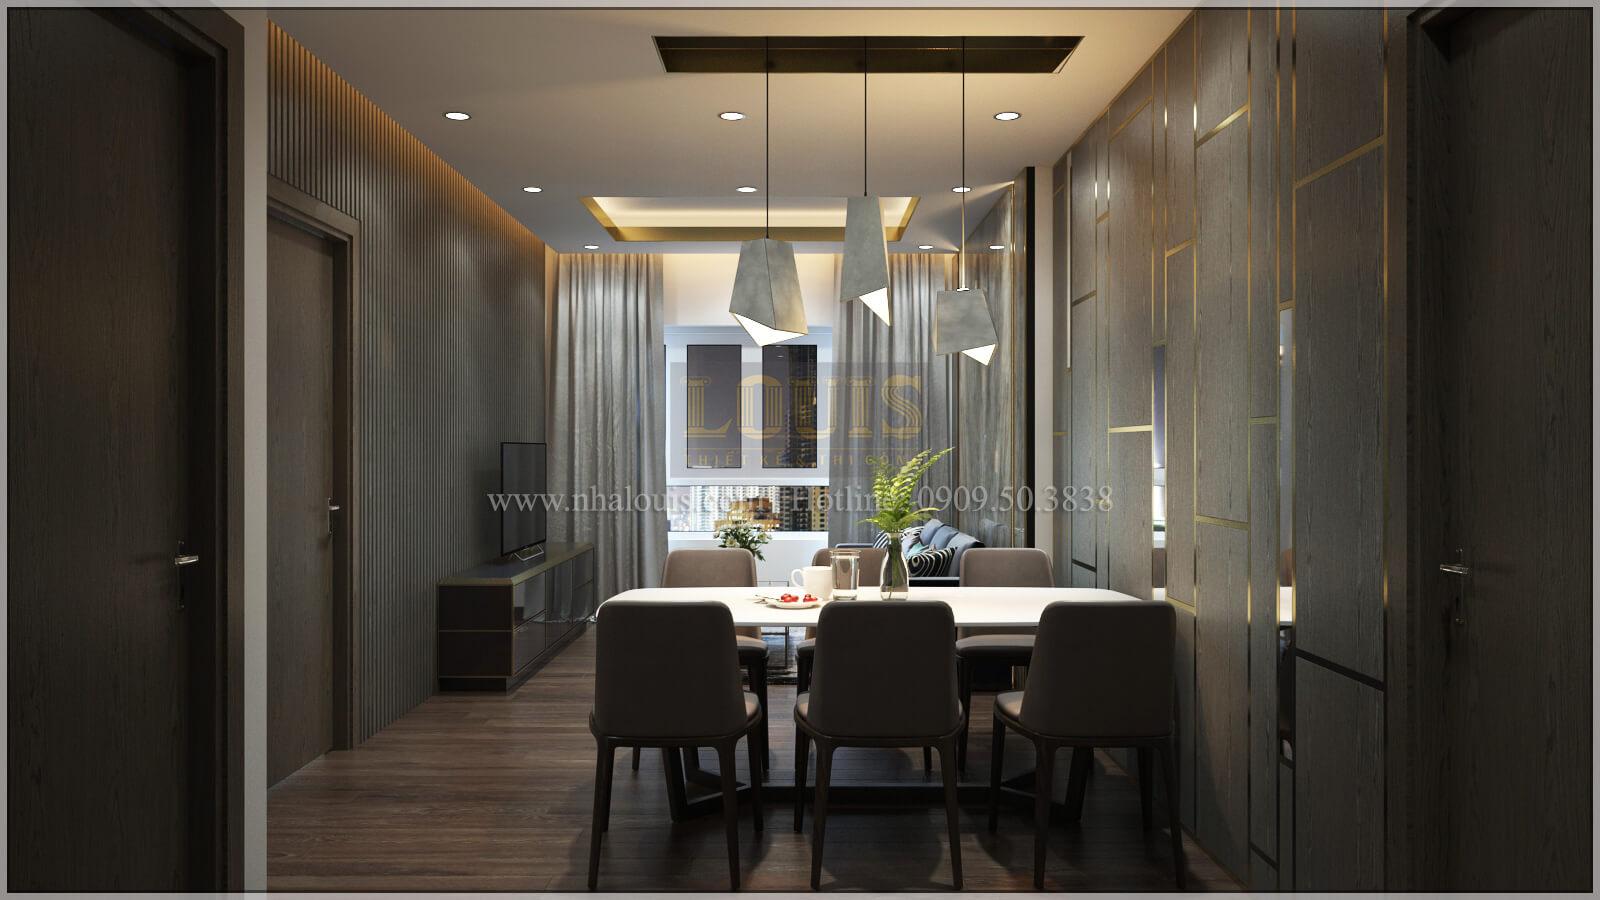 Phòng ăn thiết kế căn hộ the park residence với nội thất sang trọng tại quận 7